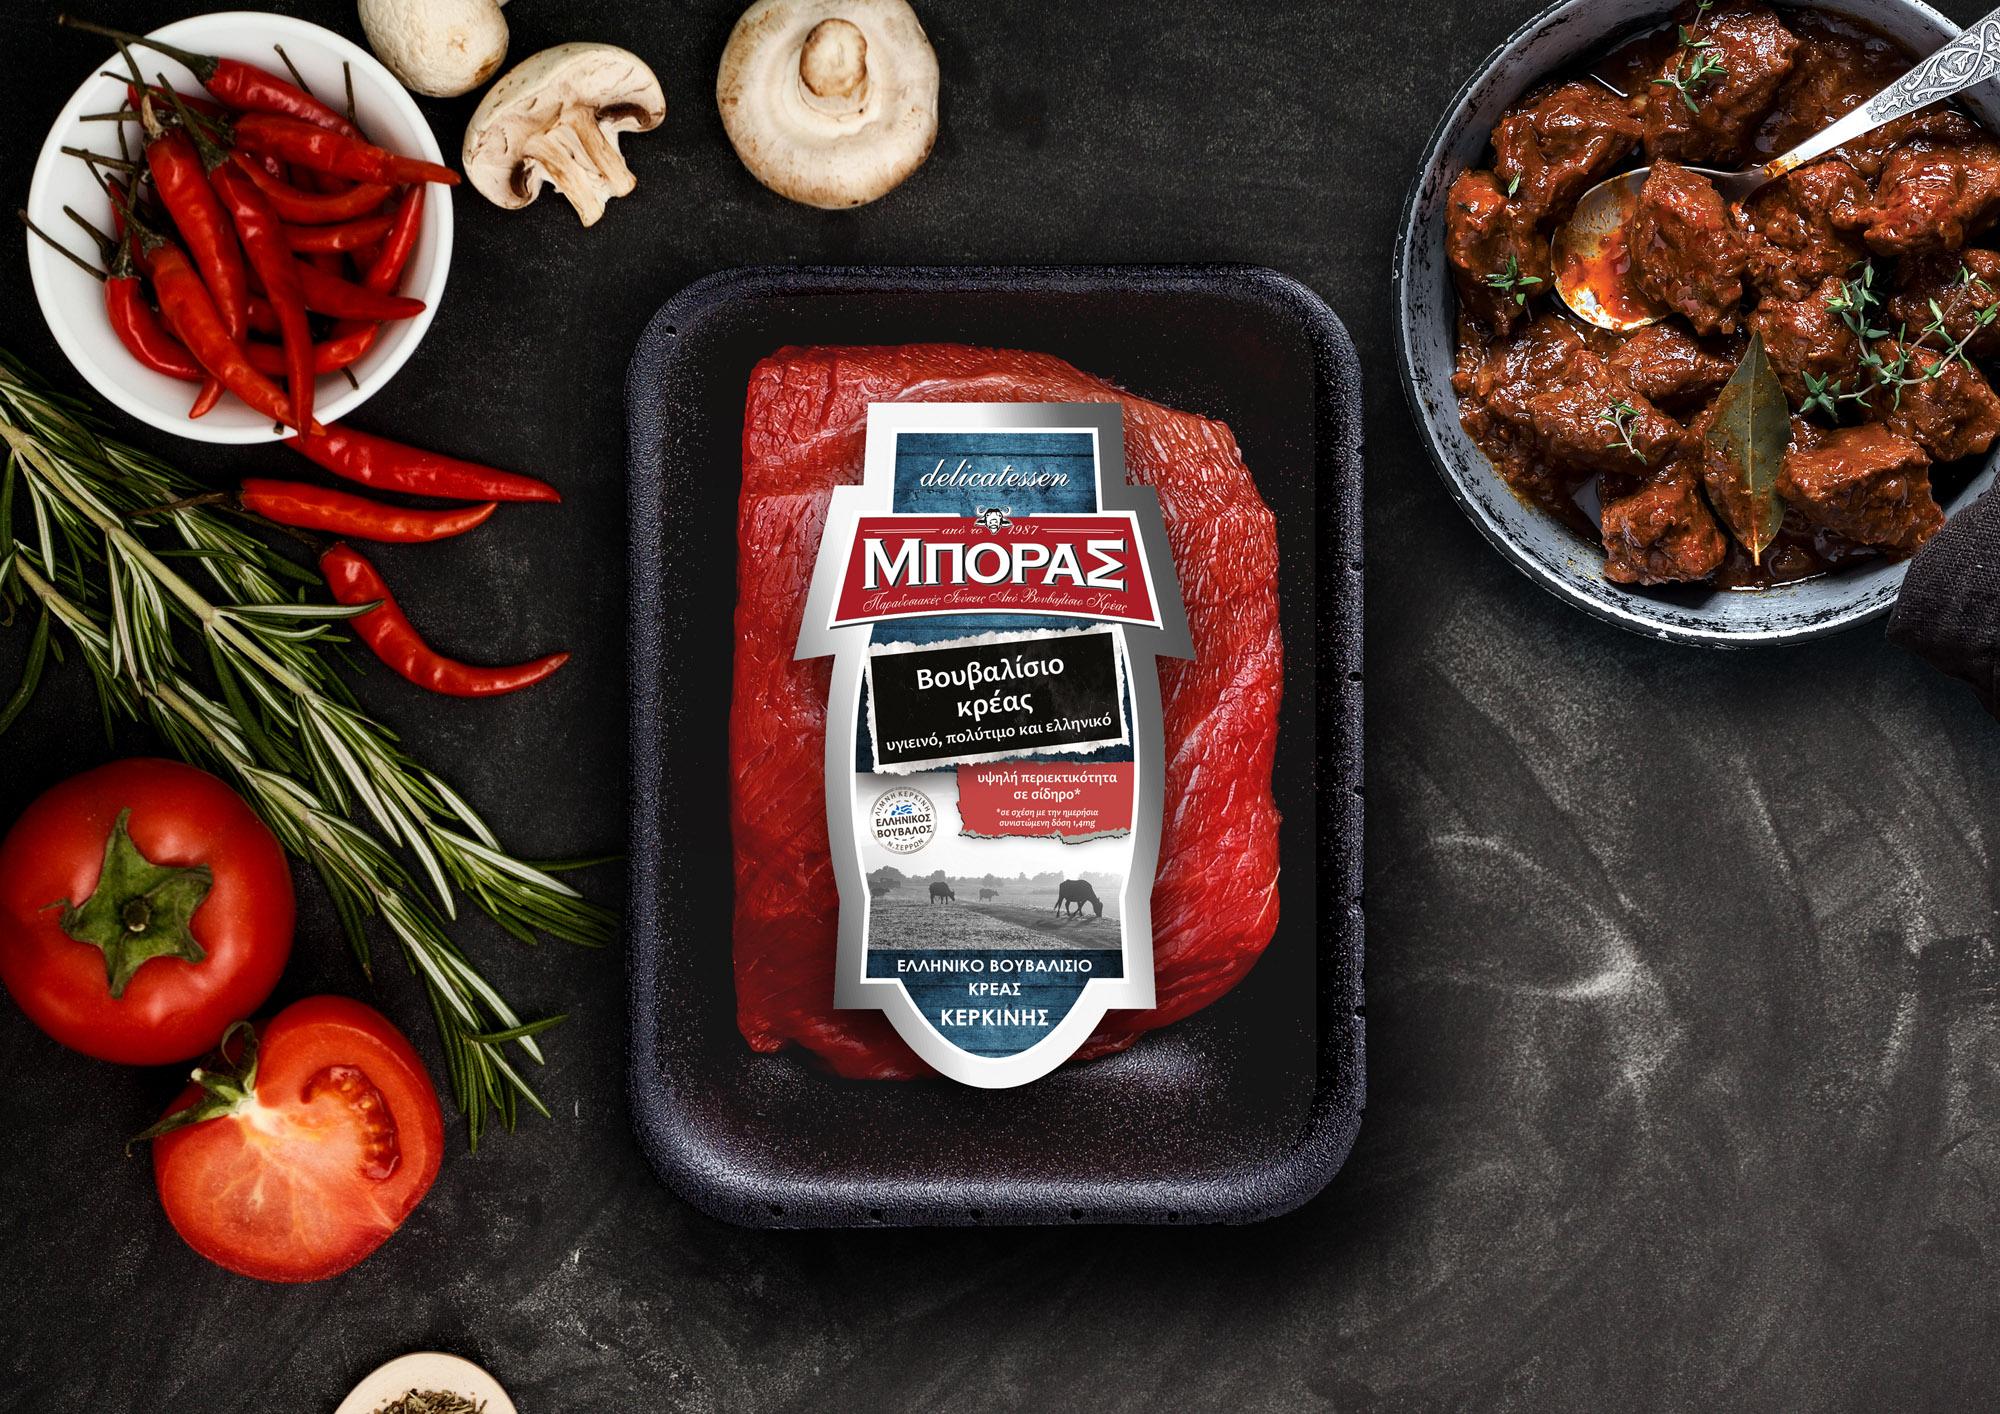 Βουβαλίσιο Κρέας (Σπάλα) Κερκίνης Μπόρας